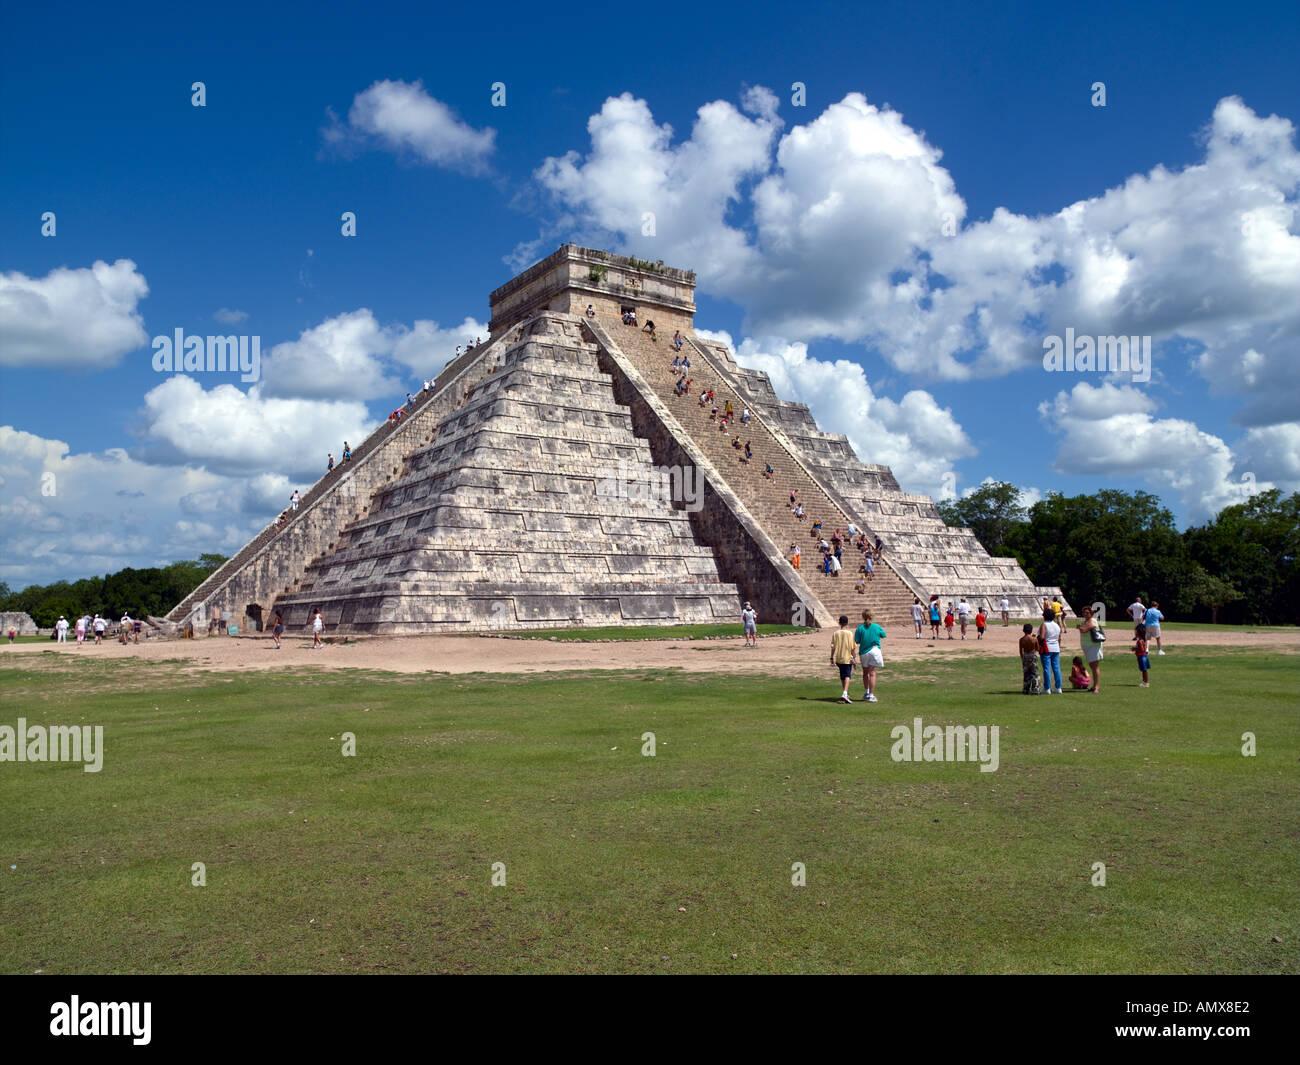 Chichen Itza, El Castillo - Stock Image